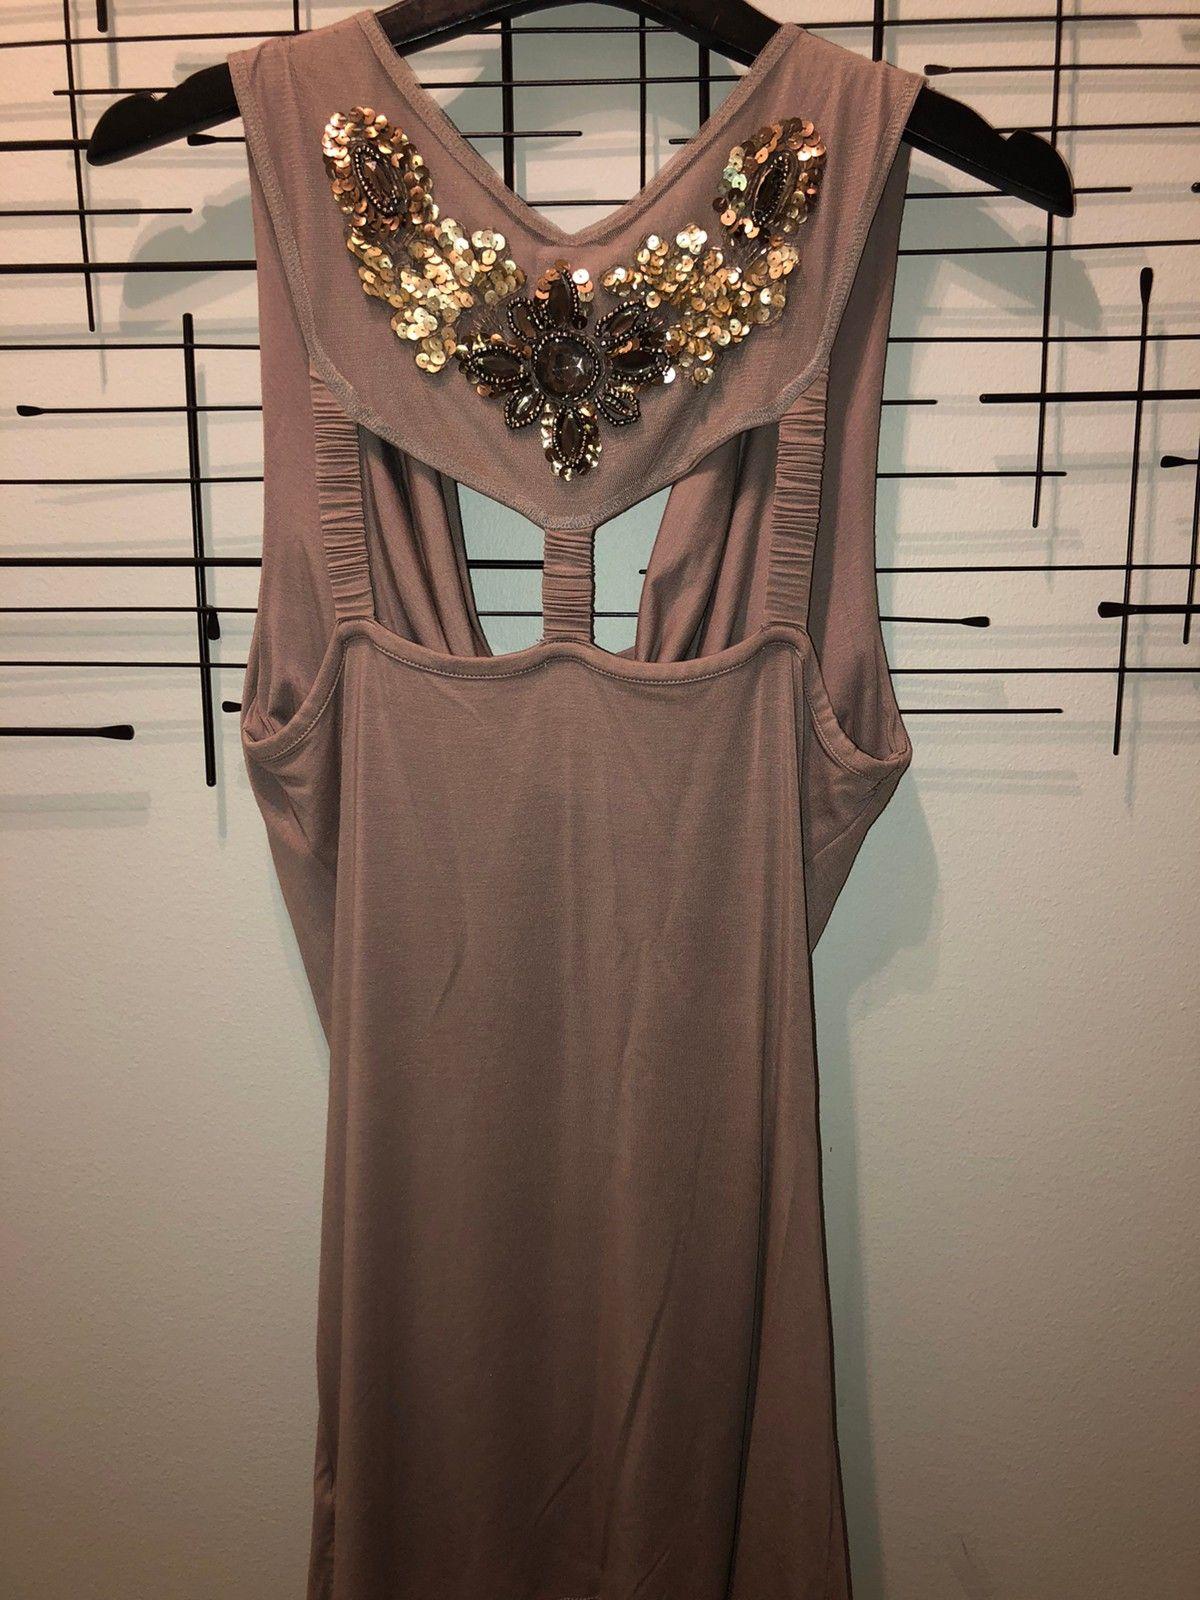 Nydelig Riccovero kjole beige, brun glitter fest jul